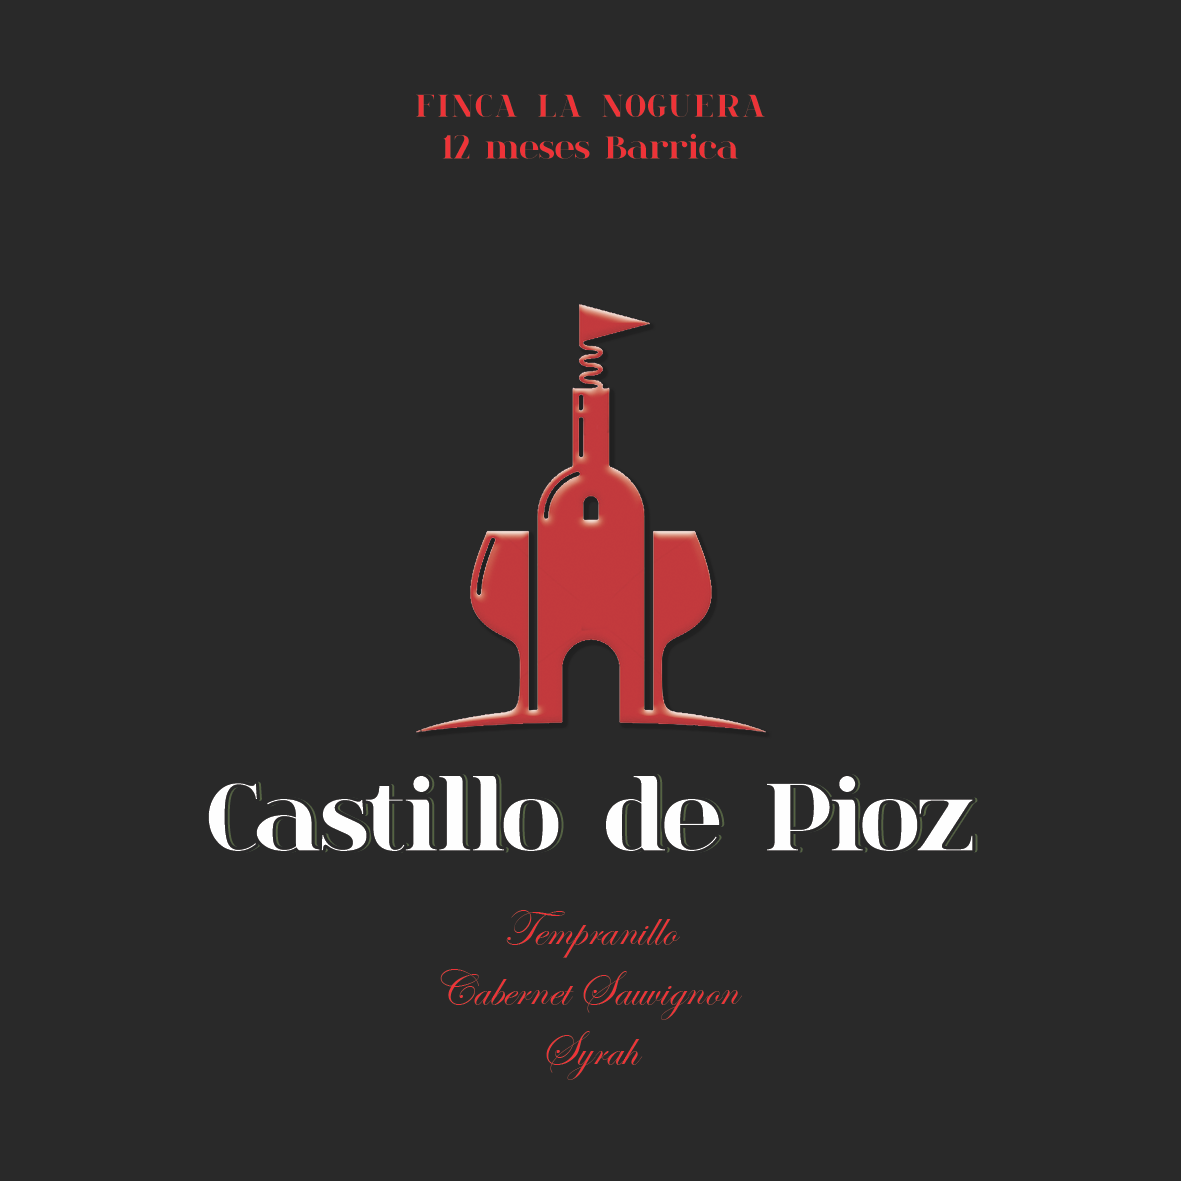 Etiqueta Castillo de Pioz